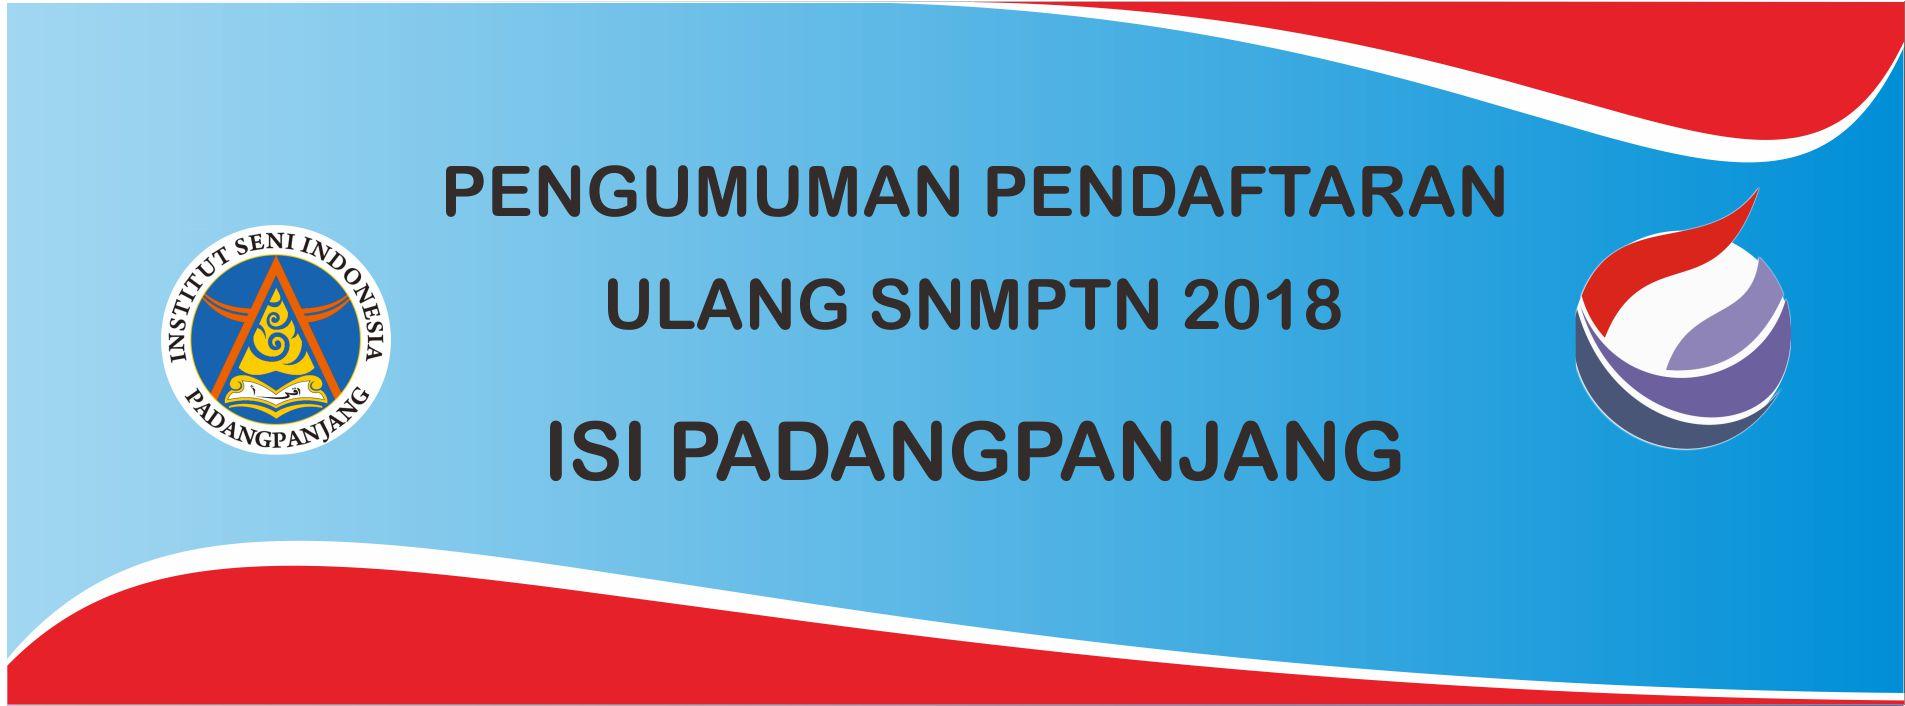 Pengumuman Pendaftaran Ulang SNMPTN 2018